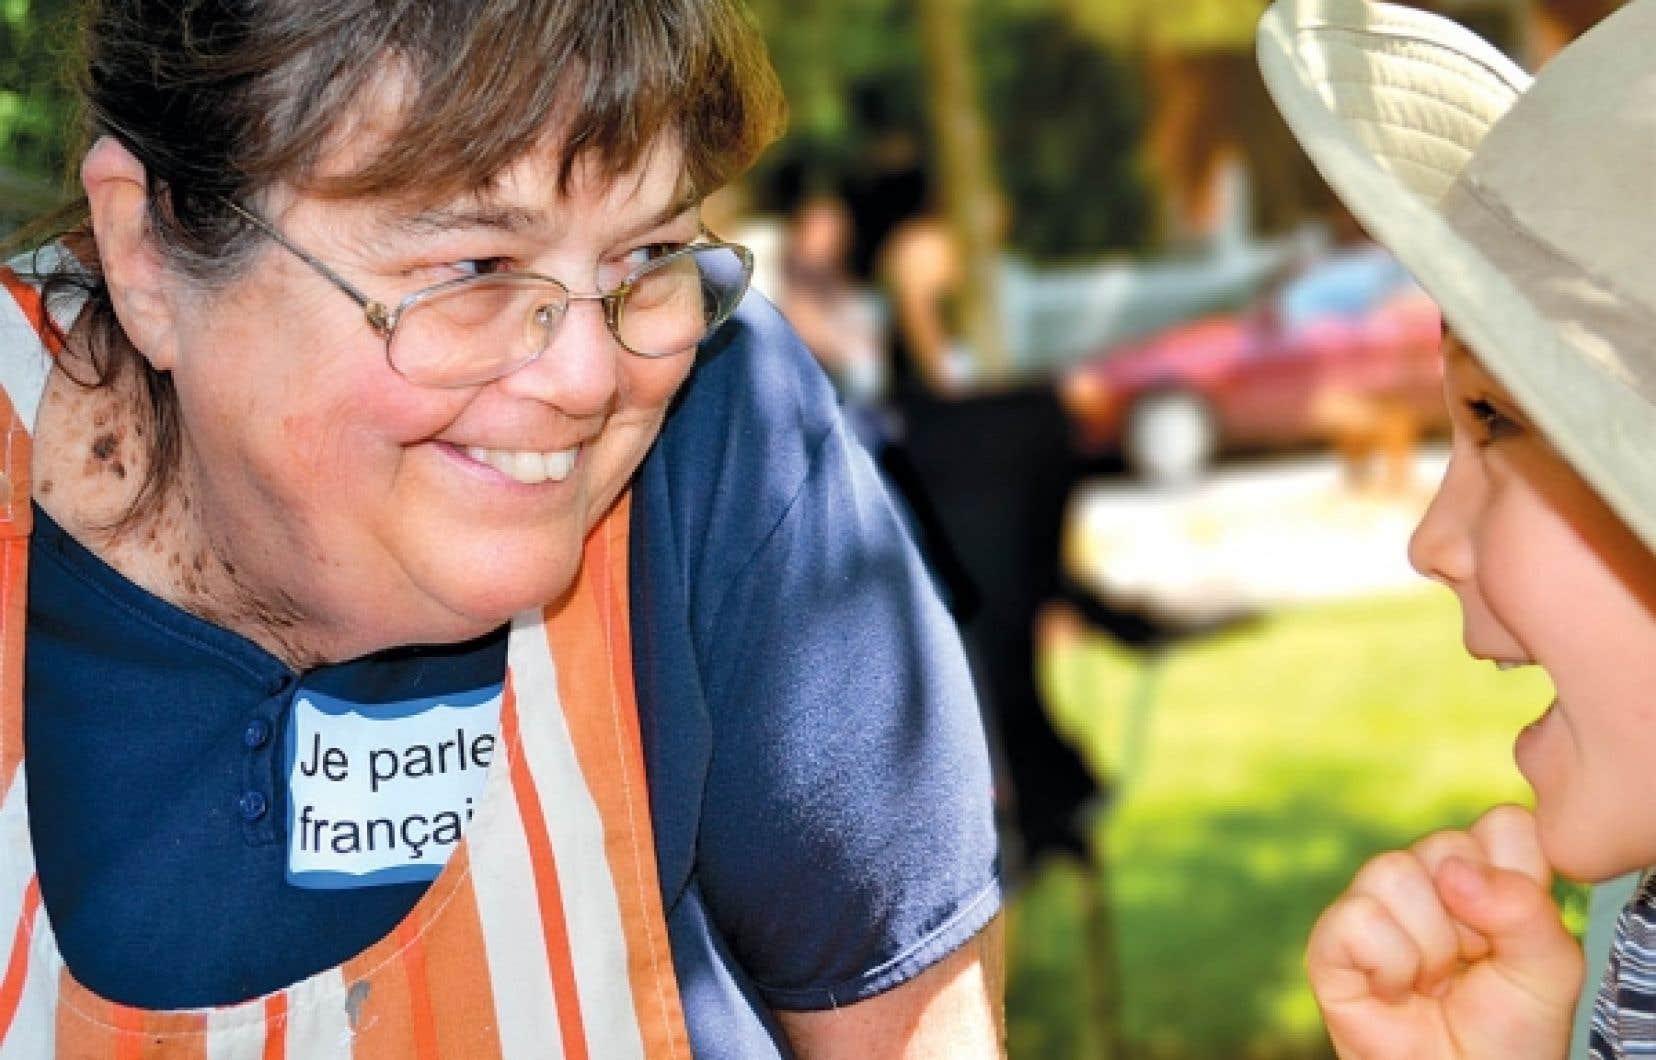 Grandma Phyllis, Franco-Américaine de quatrième génération, anime les enfants au French Heritage Day de Vergennes, dans l'État du Vermont. <br />